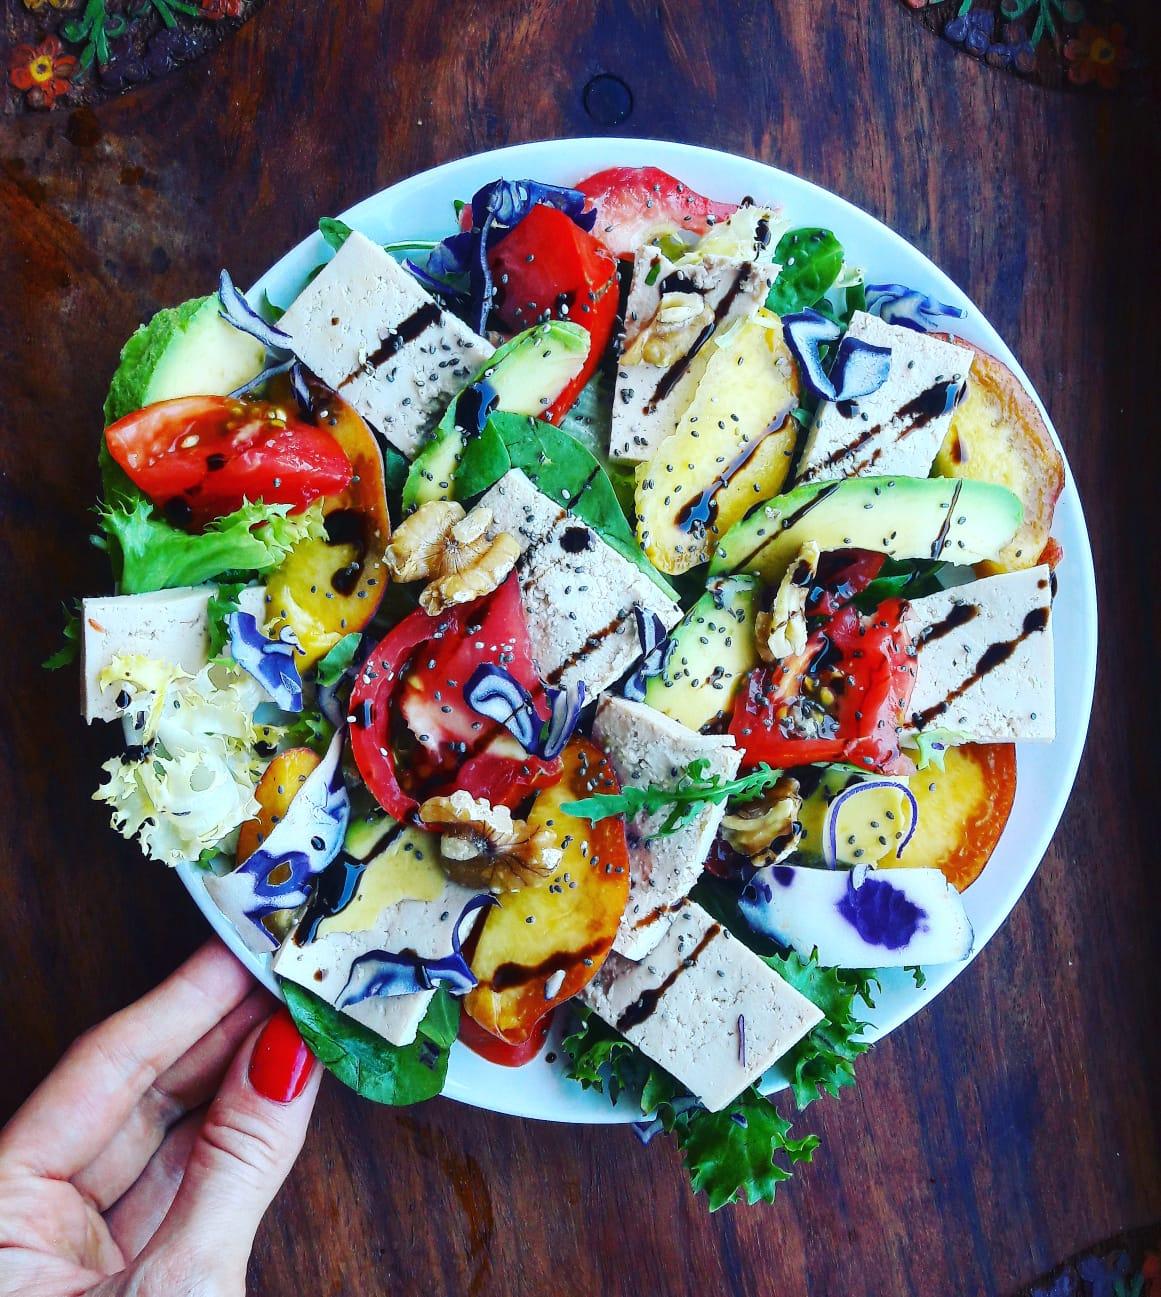 Nuestro menú vegano también incluye la ensalada de tofu, mango y aguacate.